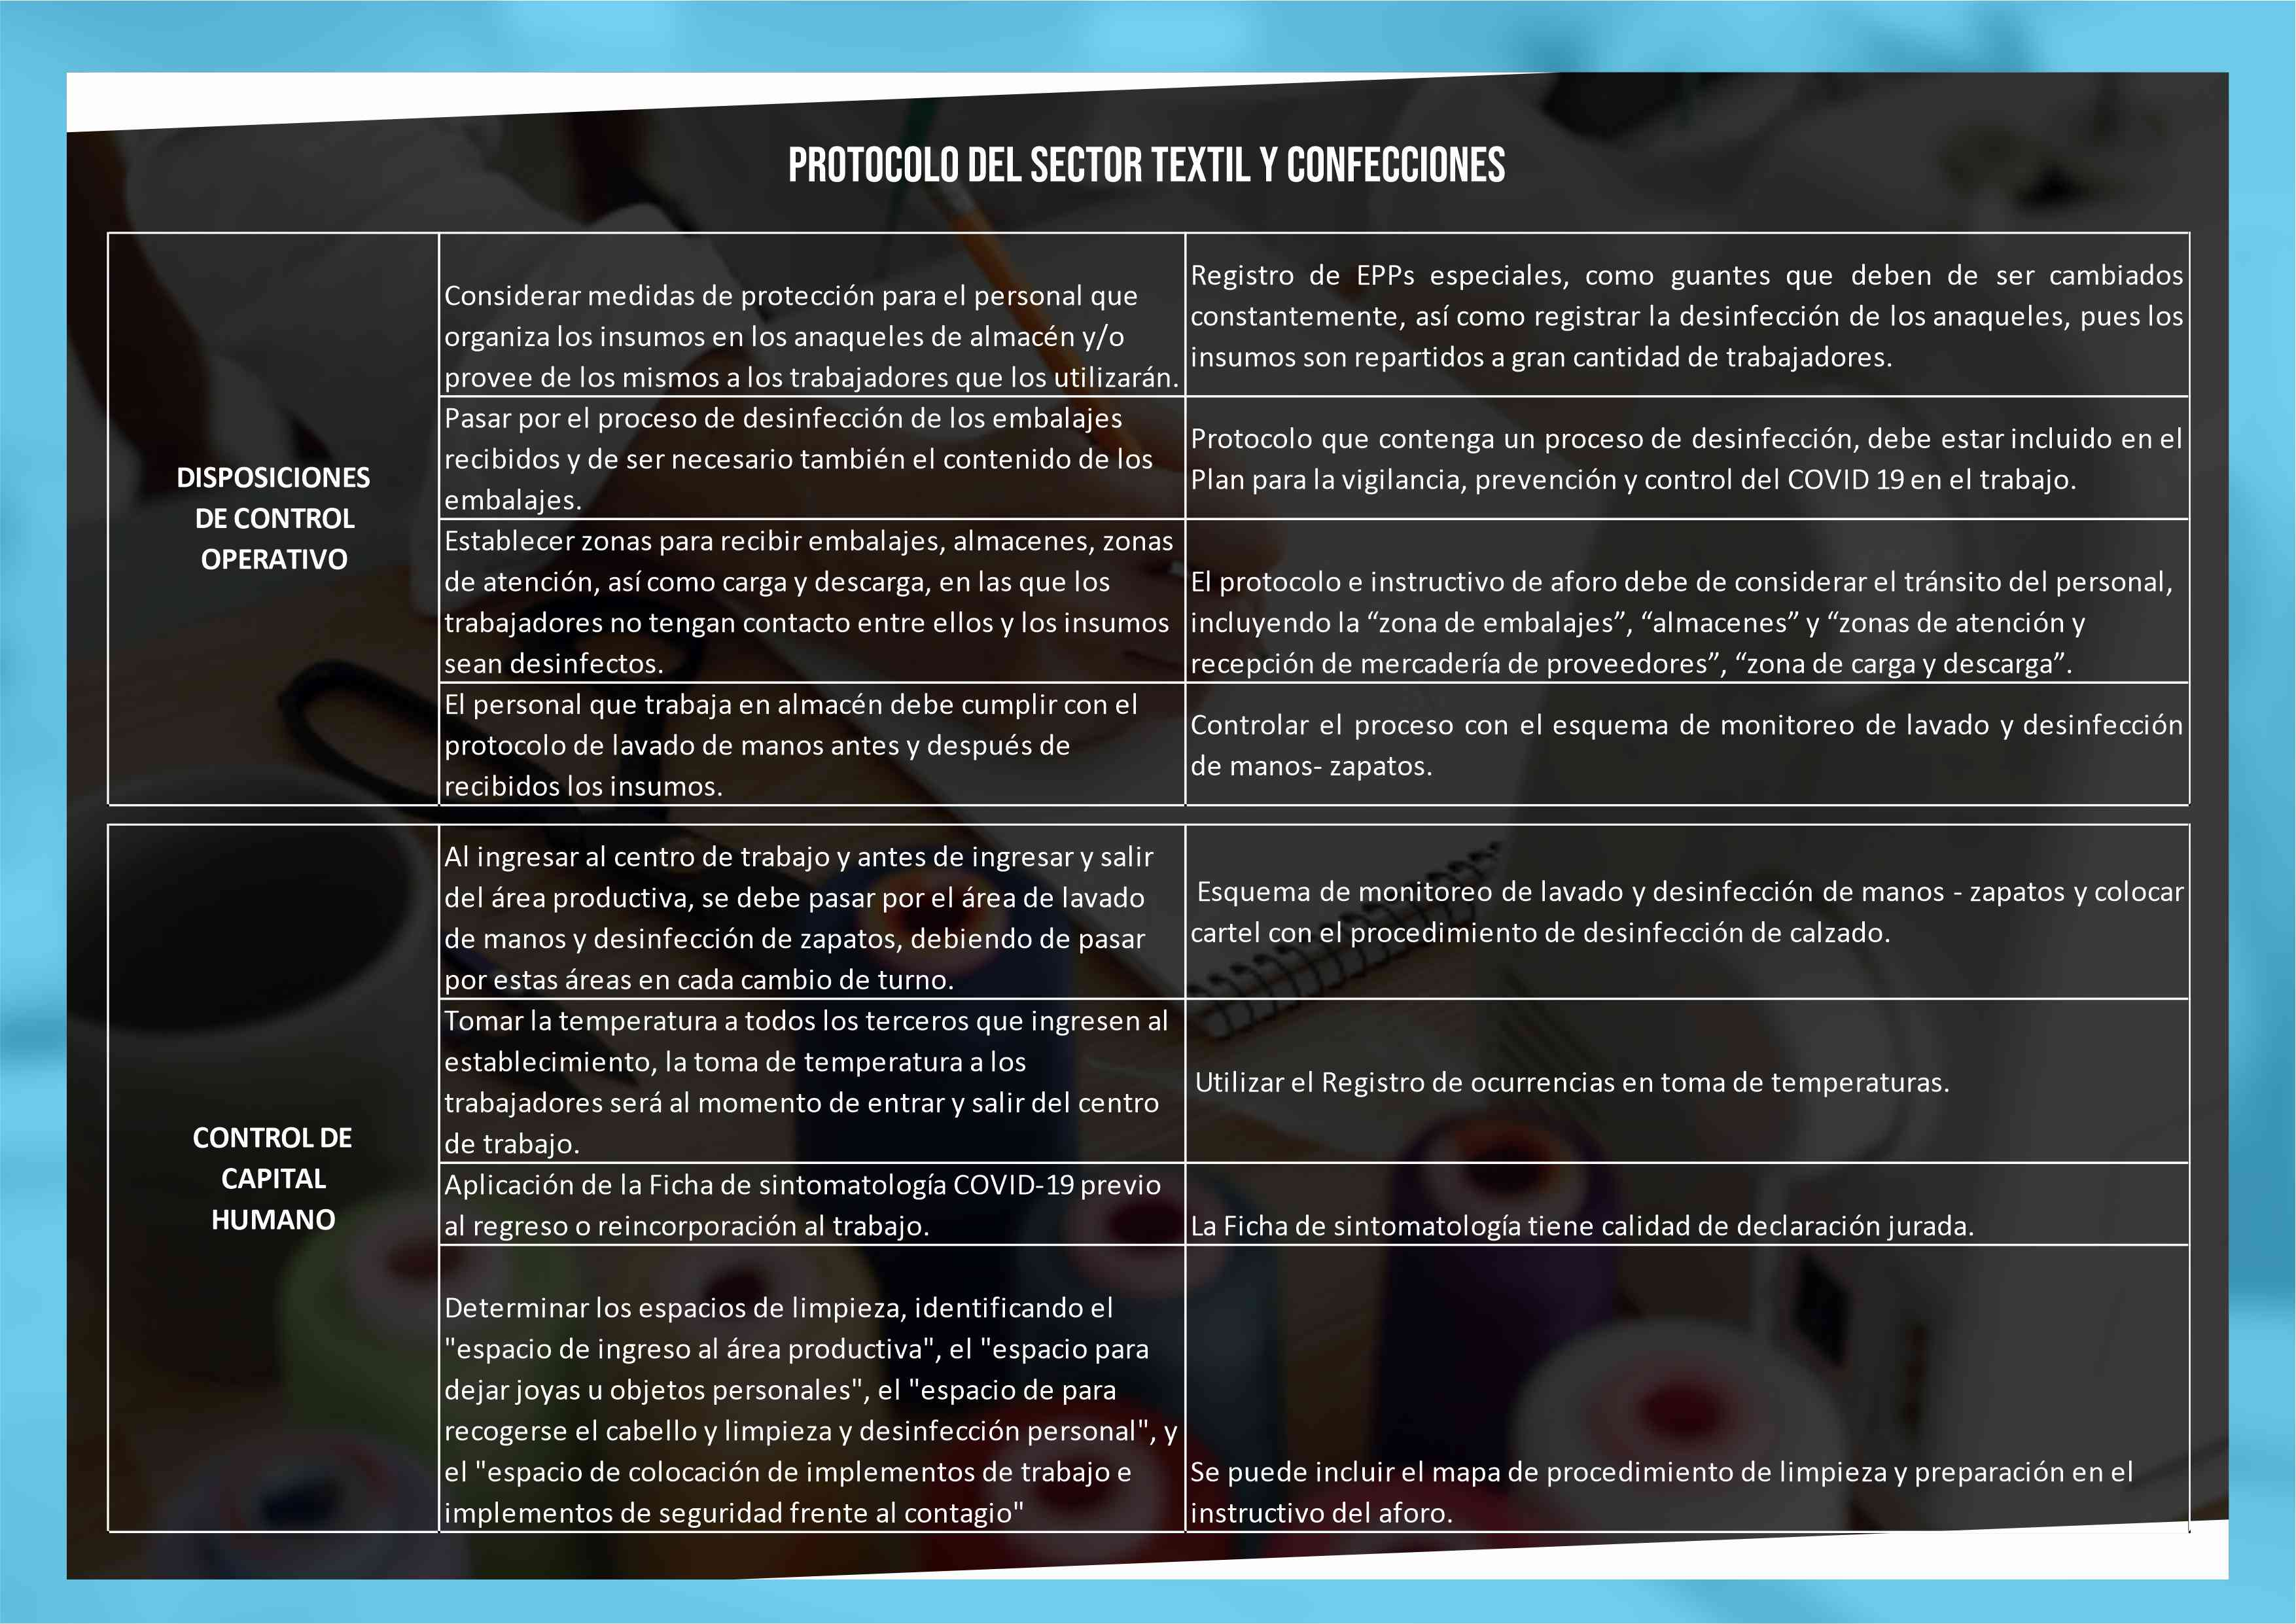 5-PROTOCOLO DEL SECTOR TEXTIL Y CONFECCIONES